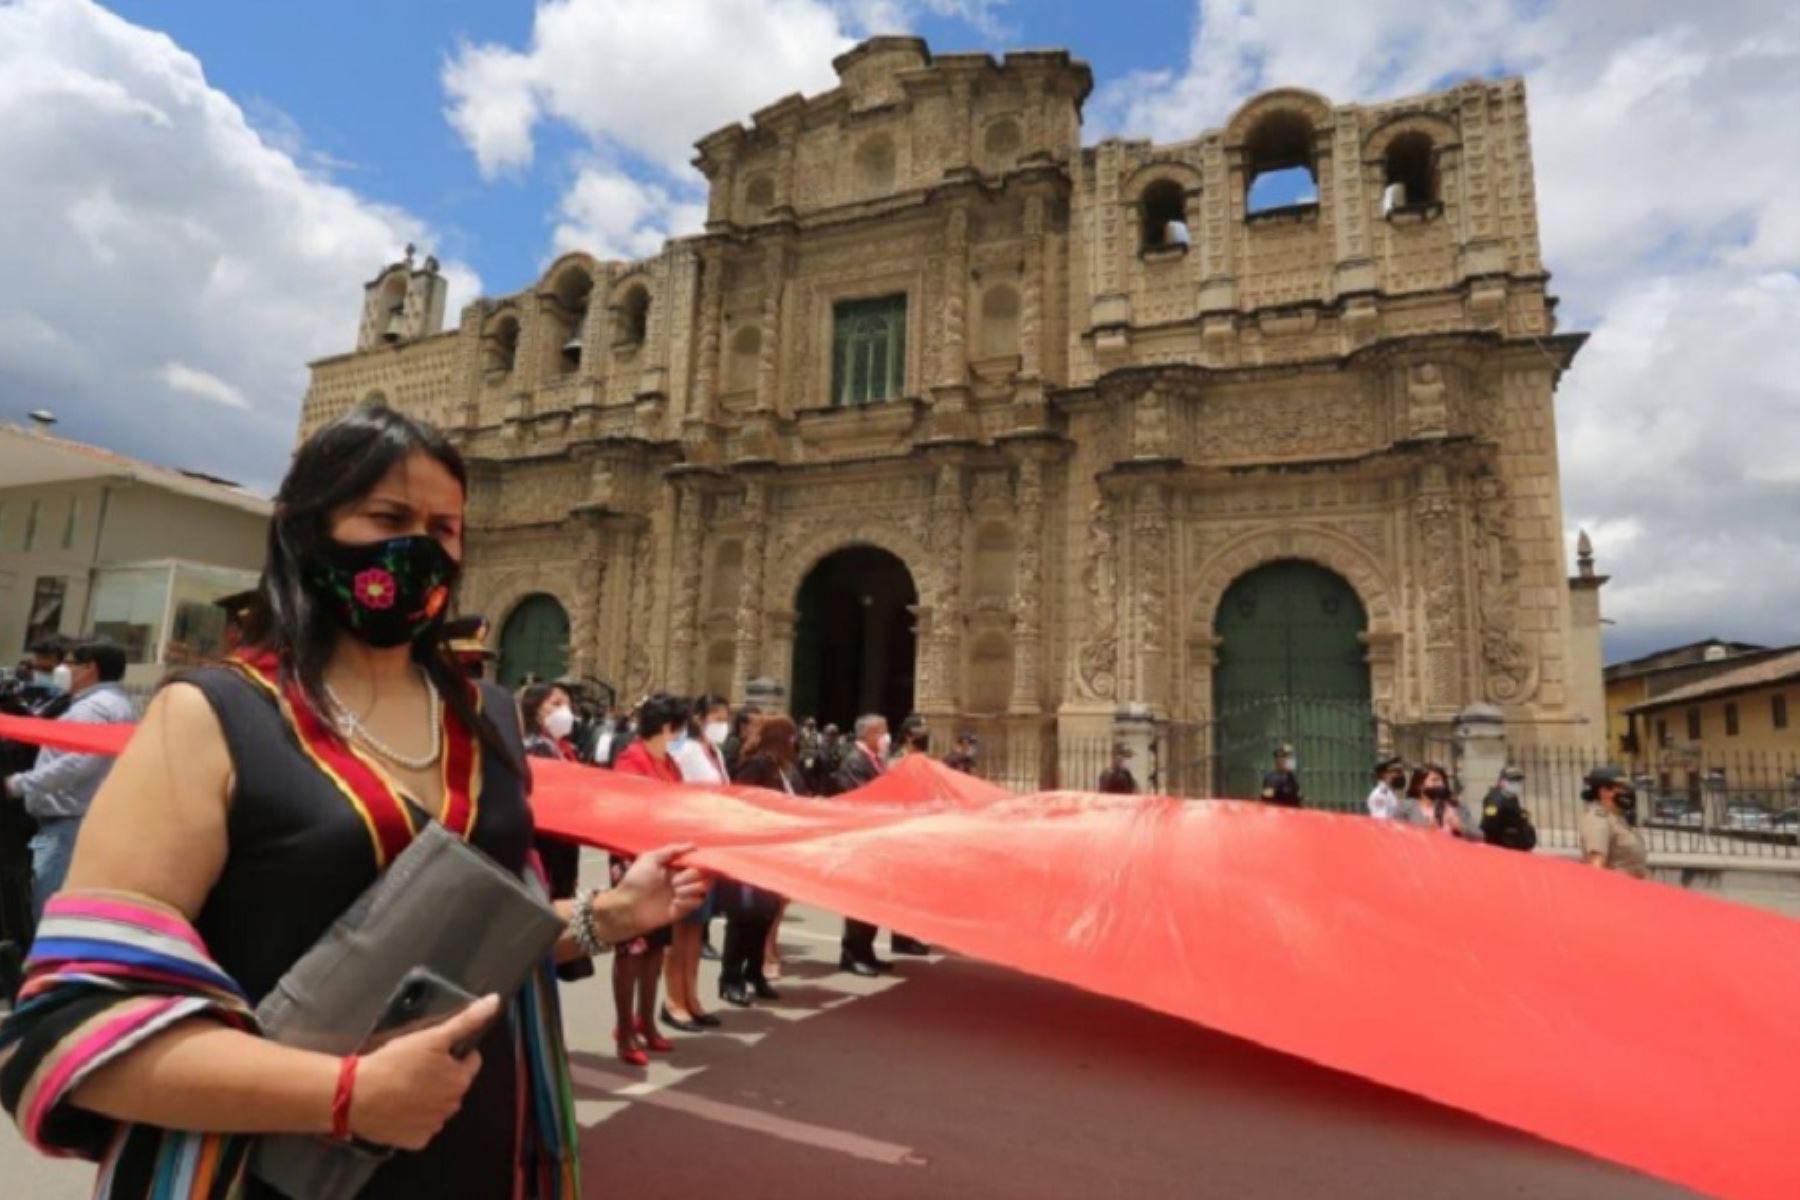 Cajamarca conmemoró los 200 años de su independencia con ceremonia y paseo de bandera. Foto: Gobierno Regional de Cajamarca.